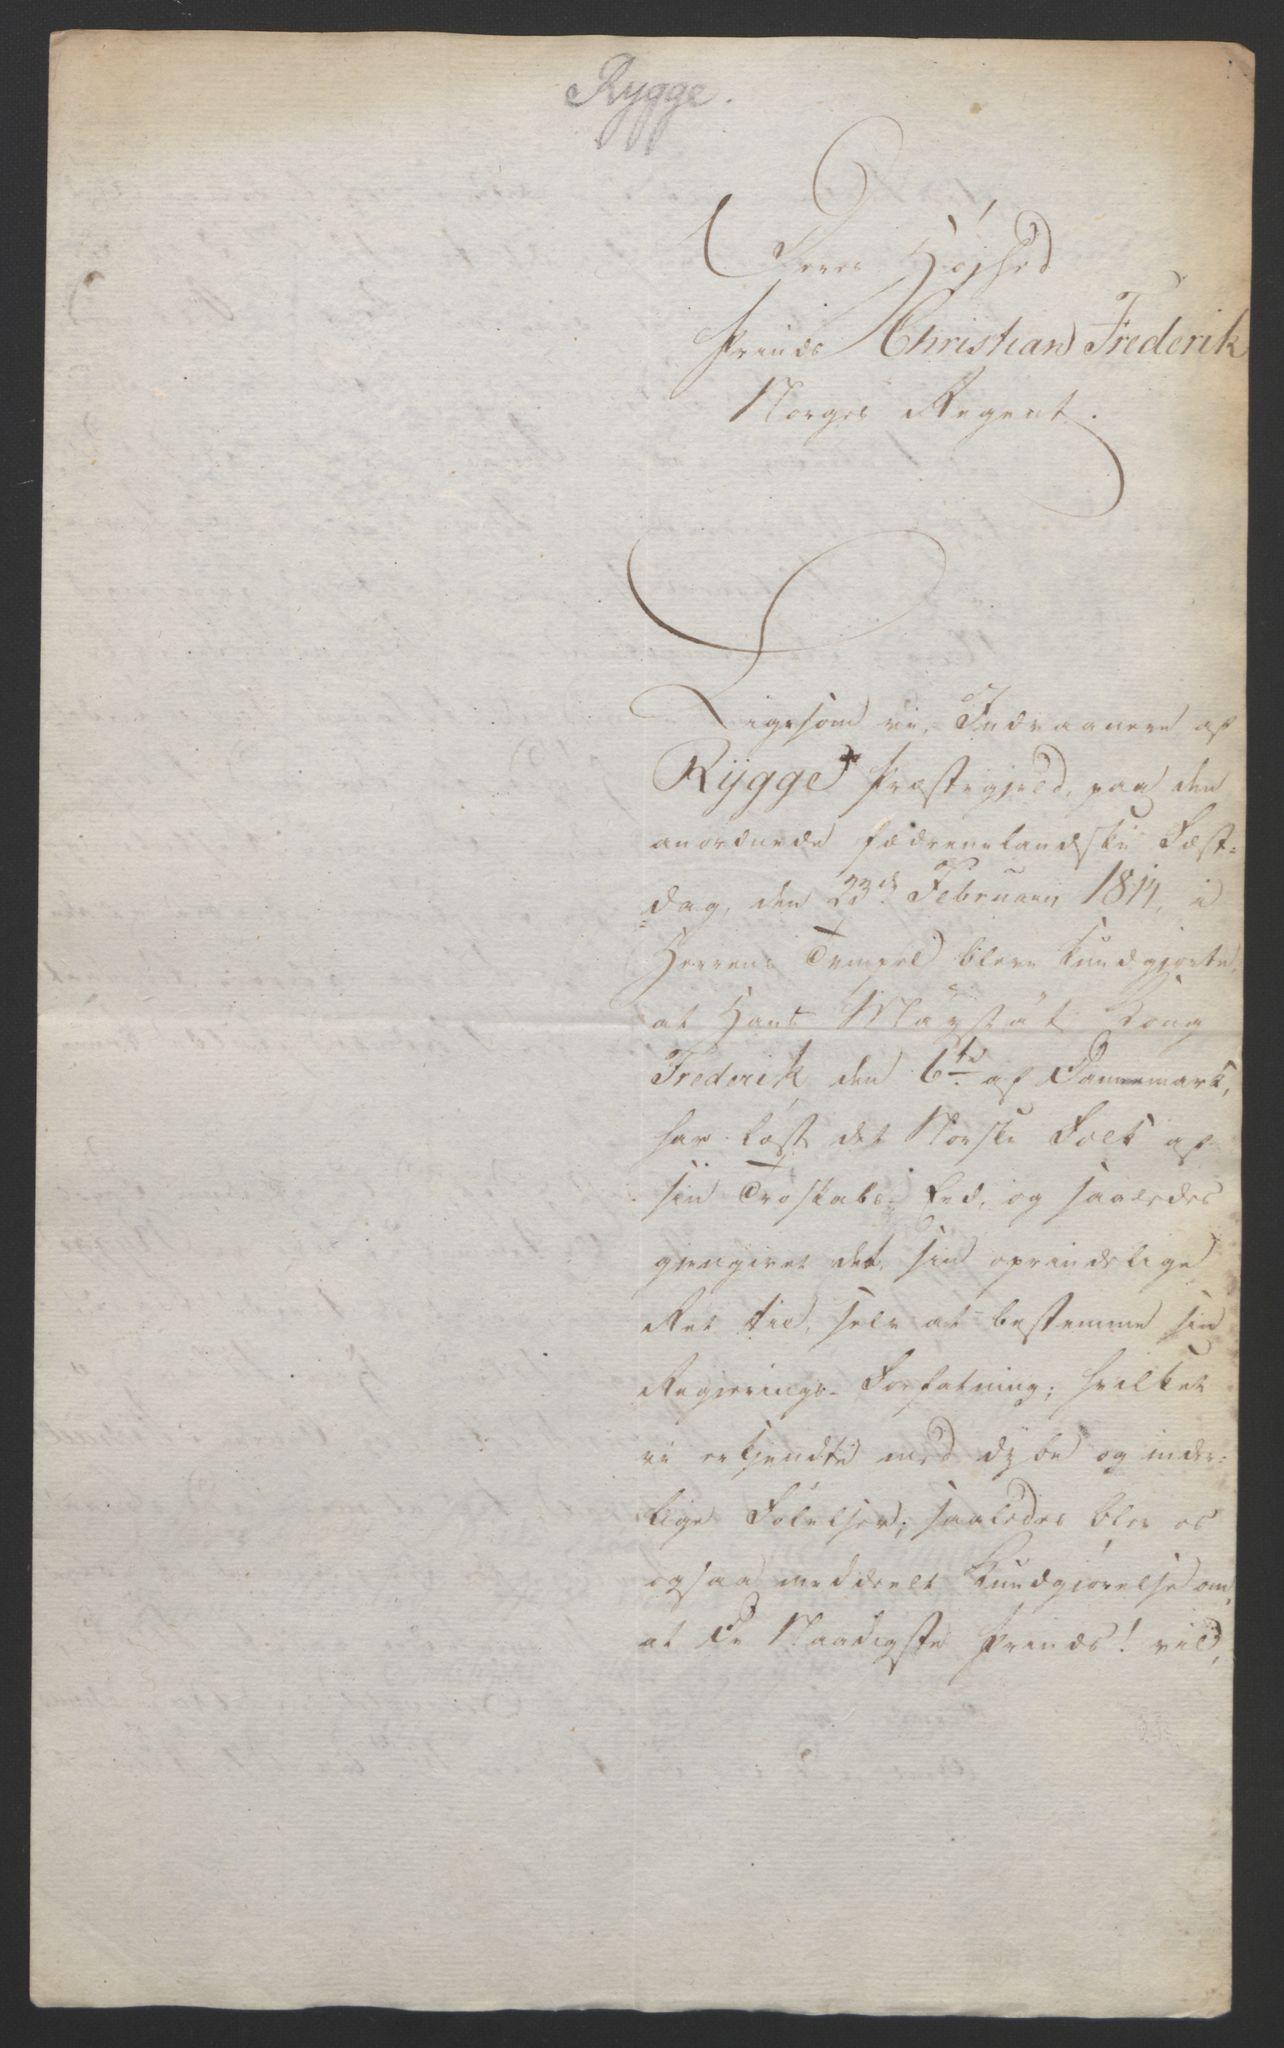 RA, Statsrådssekretariatet, D/Db/L0007: Fullmakter for Eidsvollsrepresentantene i 1814. , 1814, s. 161